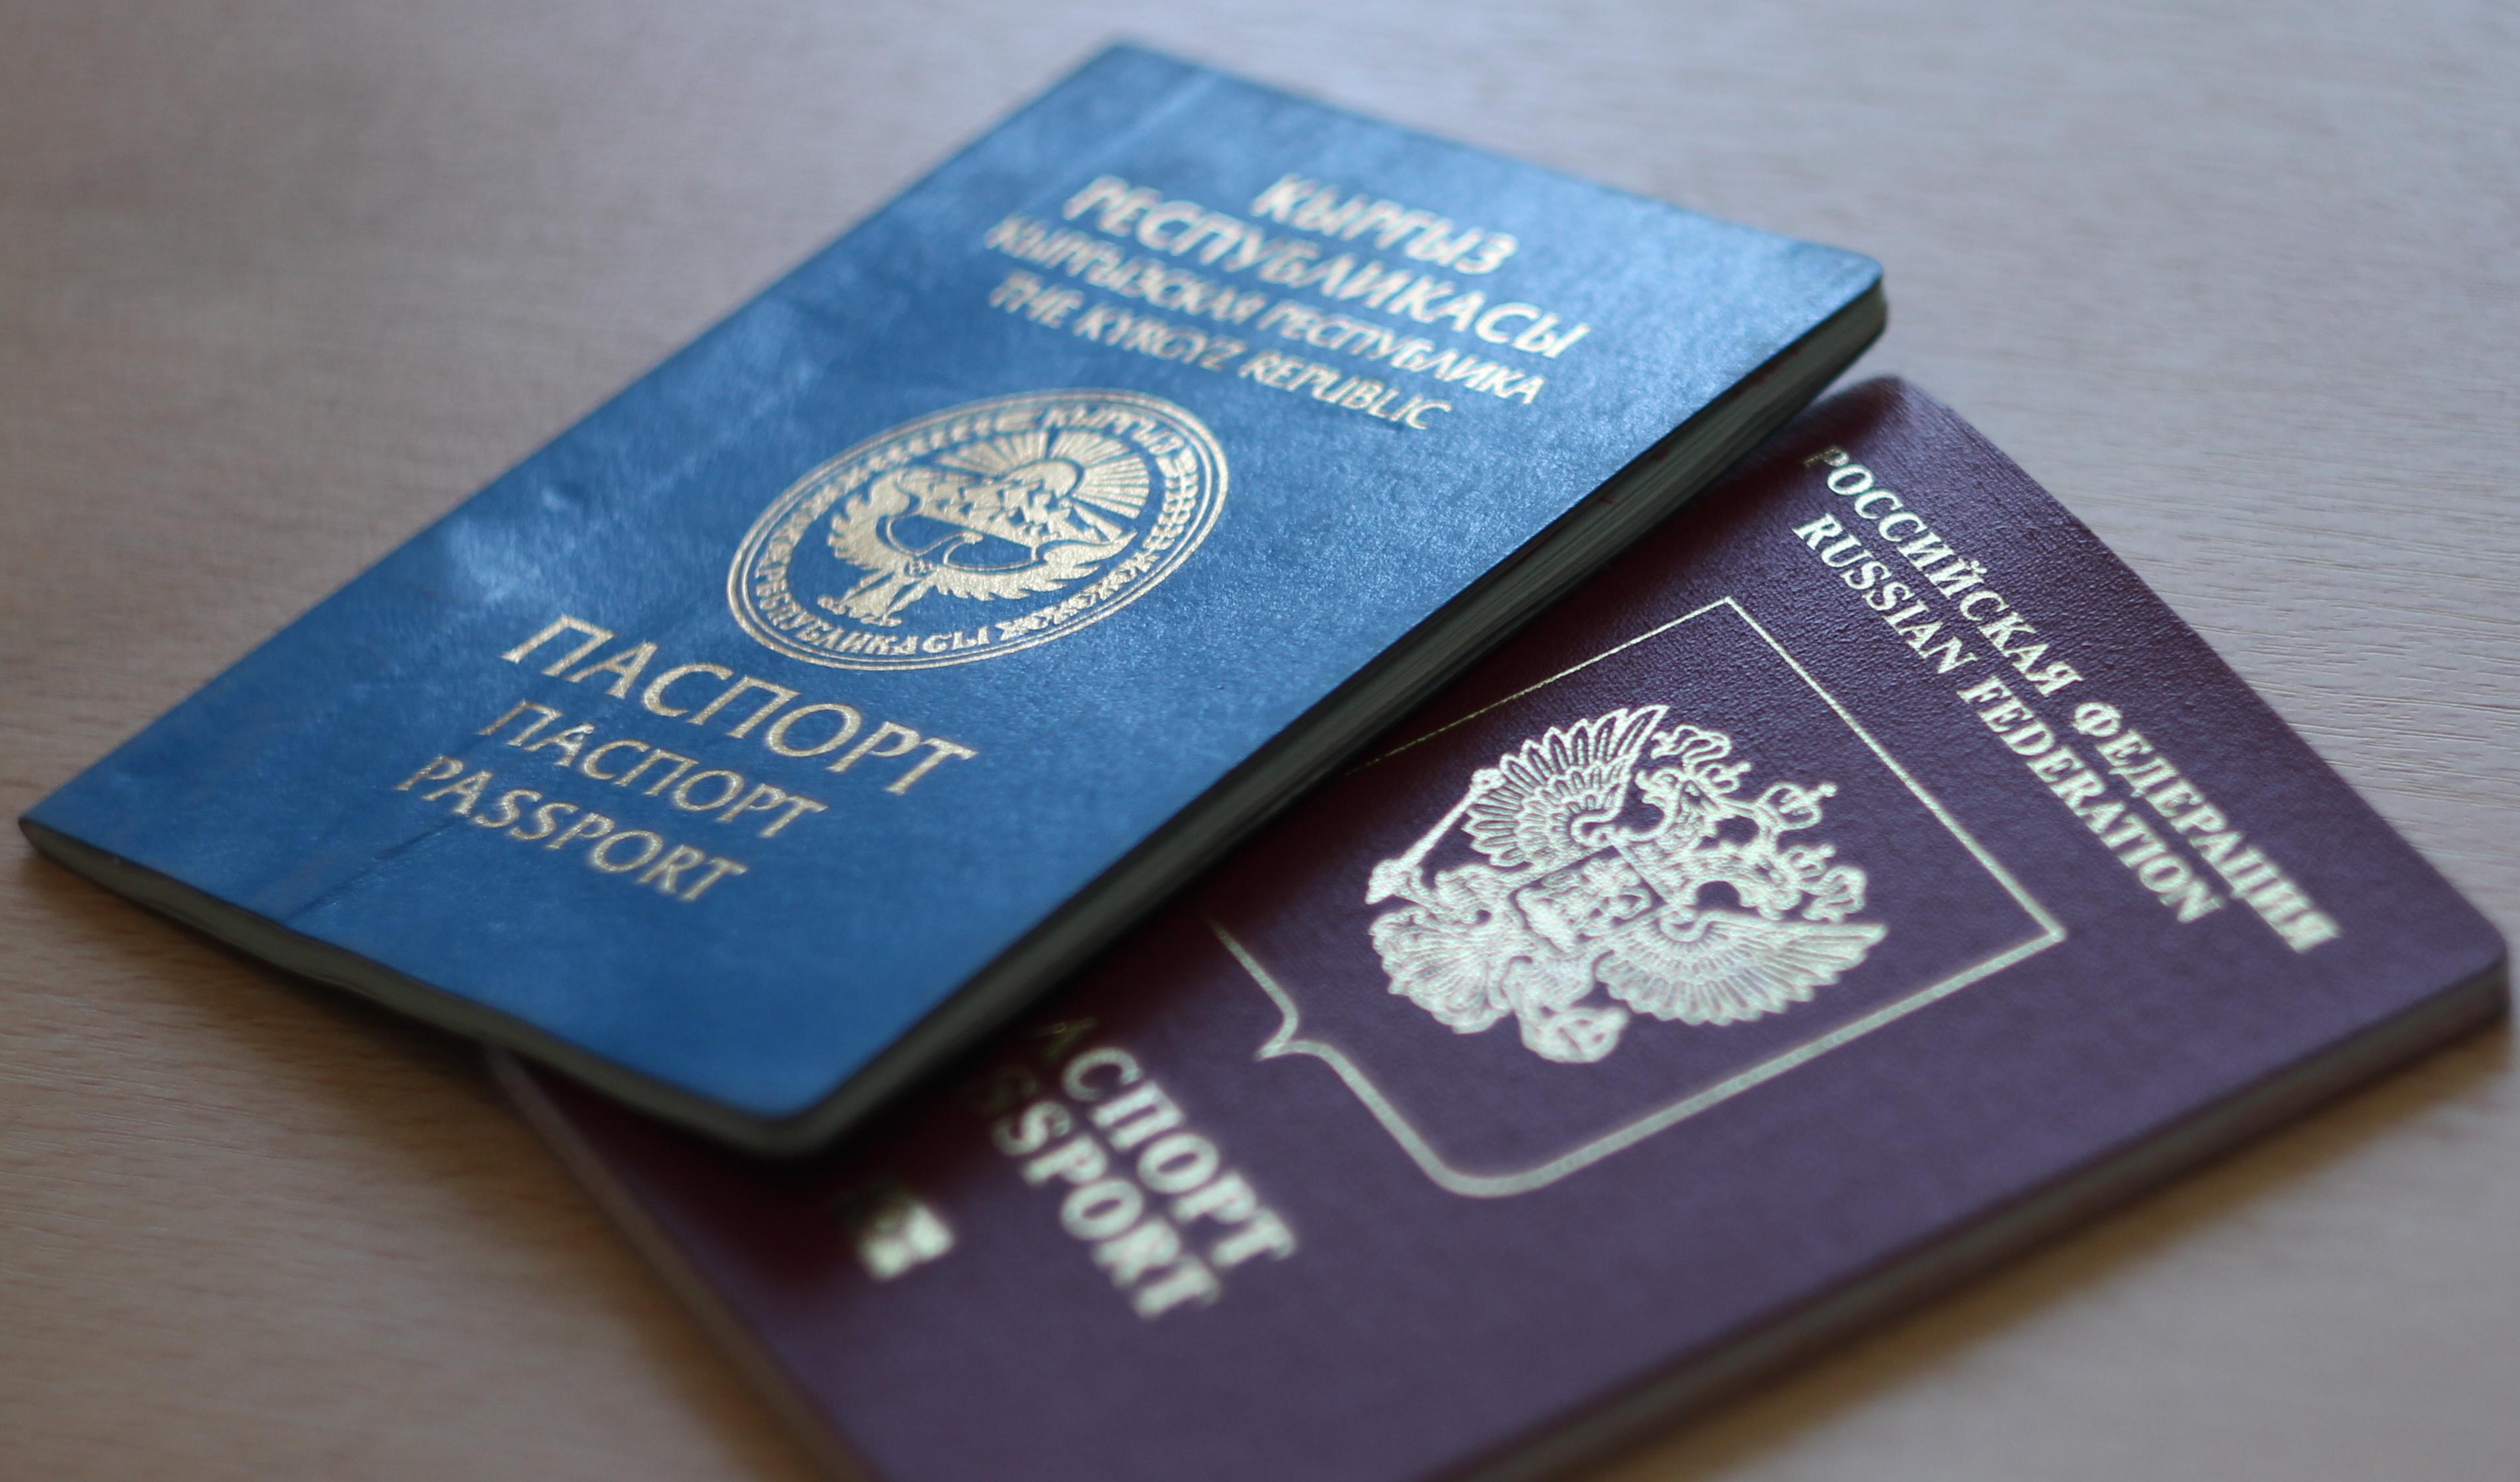 Уведомление о двойном гражданстве